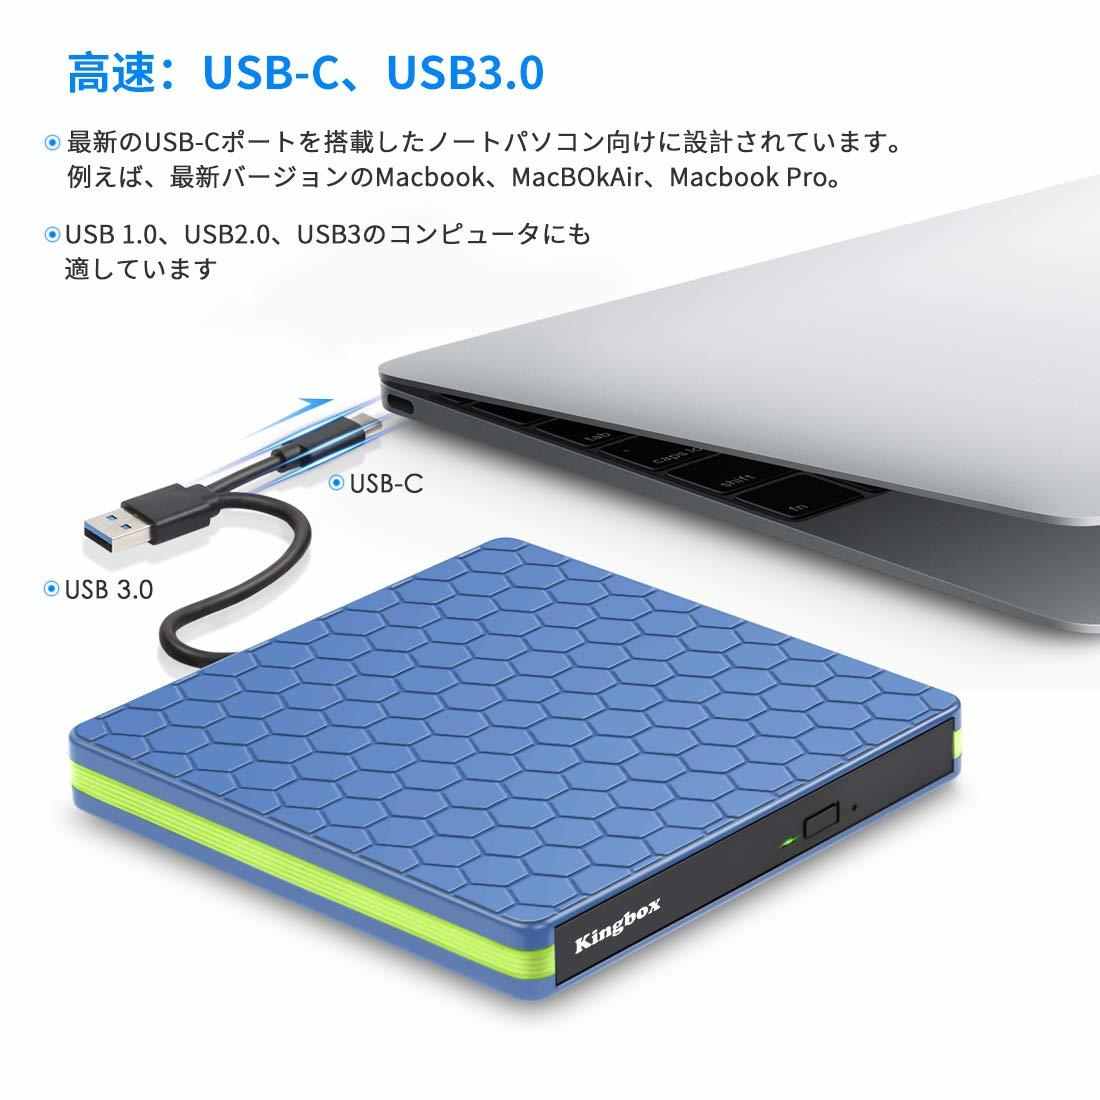 【作業効率化!】21C【2019最新型】USB3.0 外付け DVD ドライブ DVD プレーヤー USB ポータブルドライブ USB3.0 Type-C 薄型 _画像2